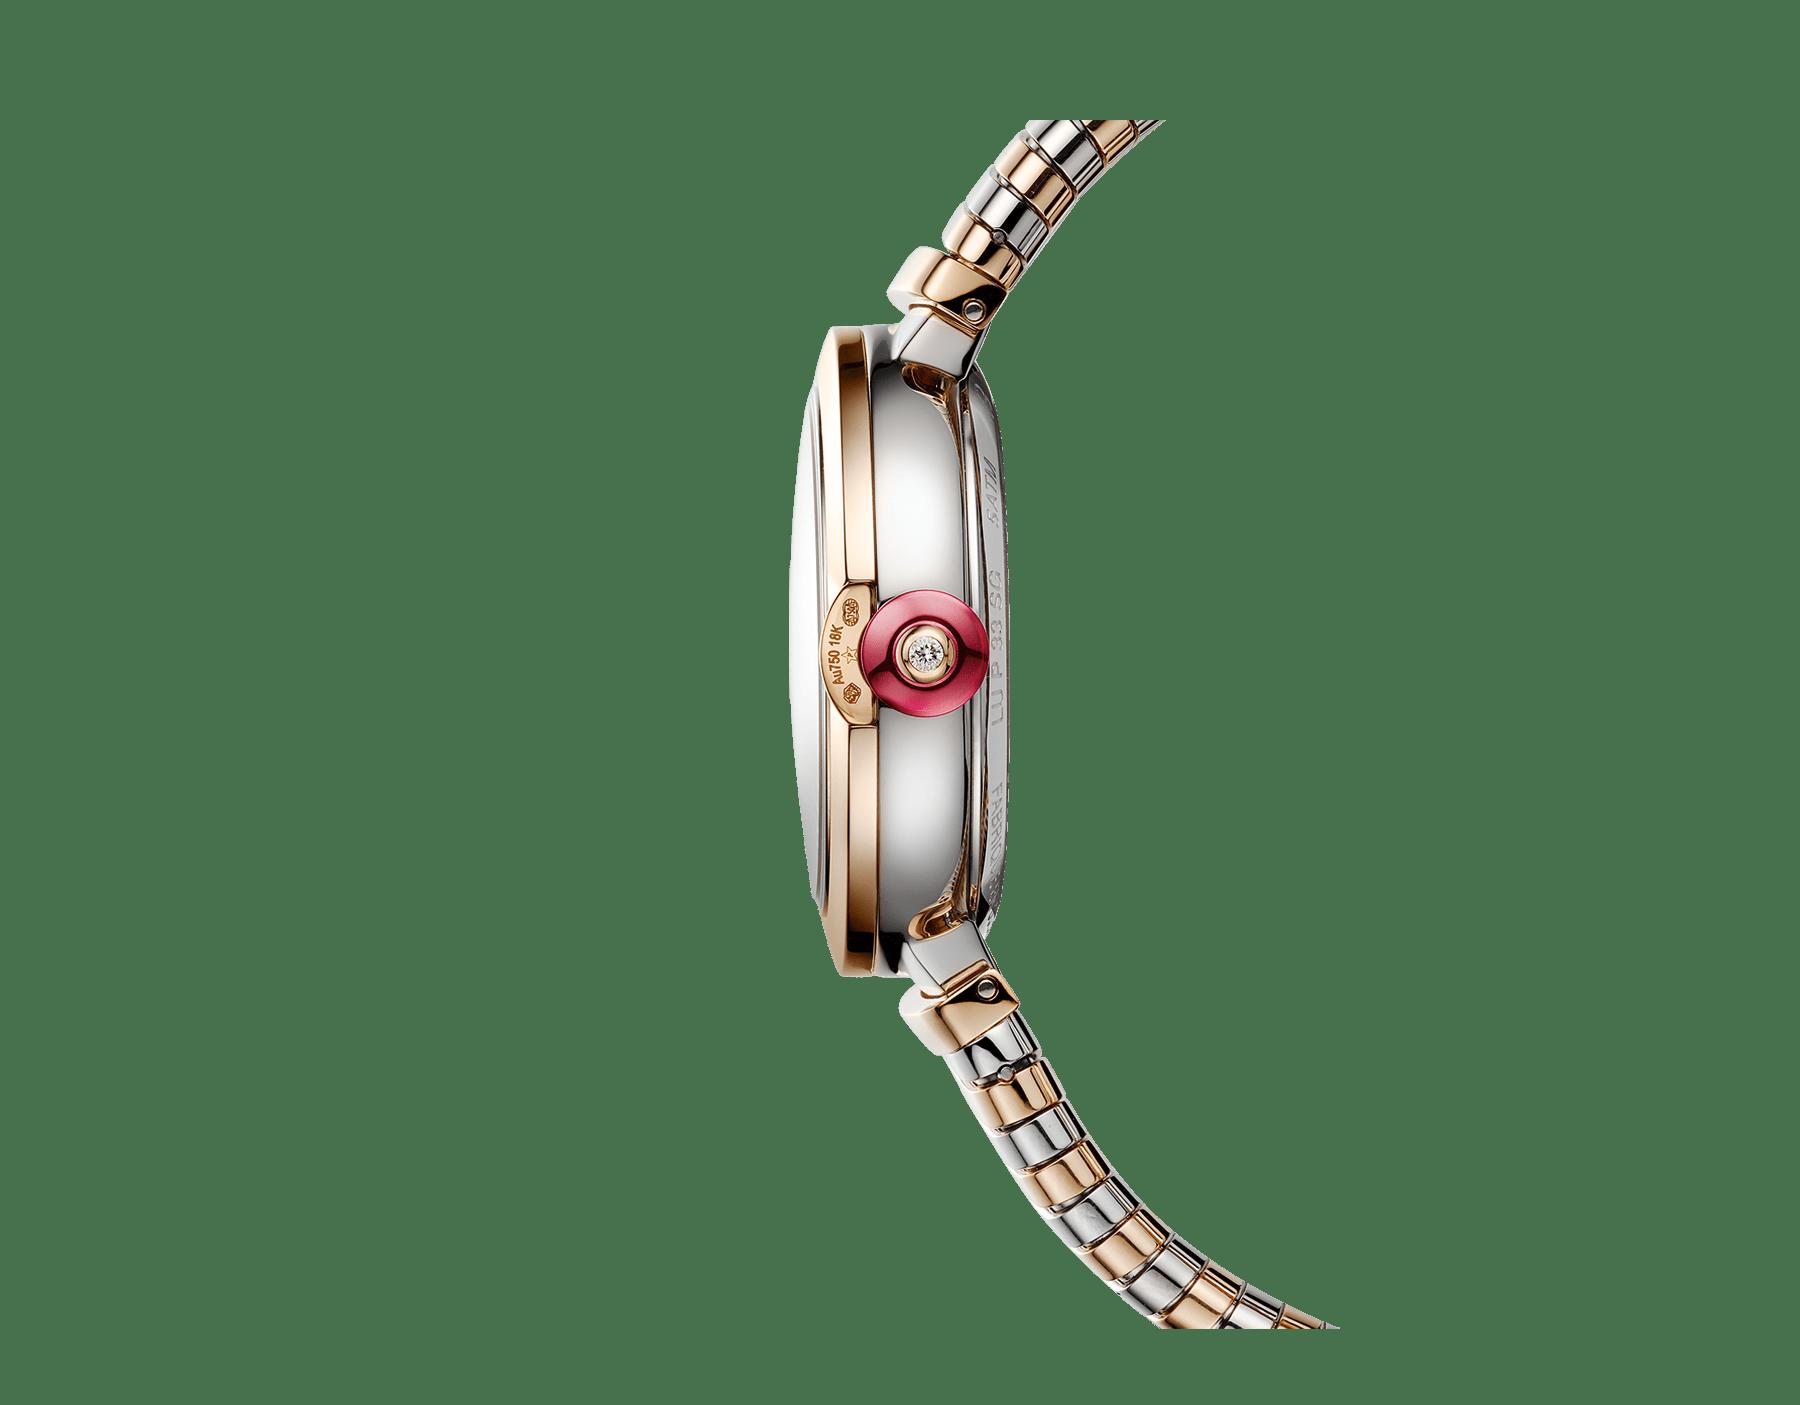 Relógio LVCEA Tubogas com caixa e pulseira tubogas em ouro rosa 18K e aço inoxidável, mostrador em madrepérola branca e índices de diamante 102954 image 2